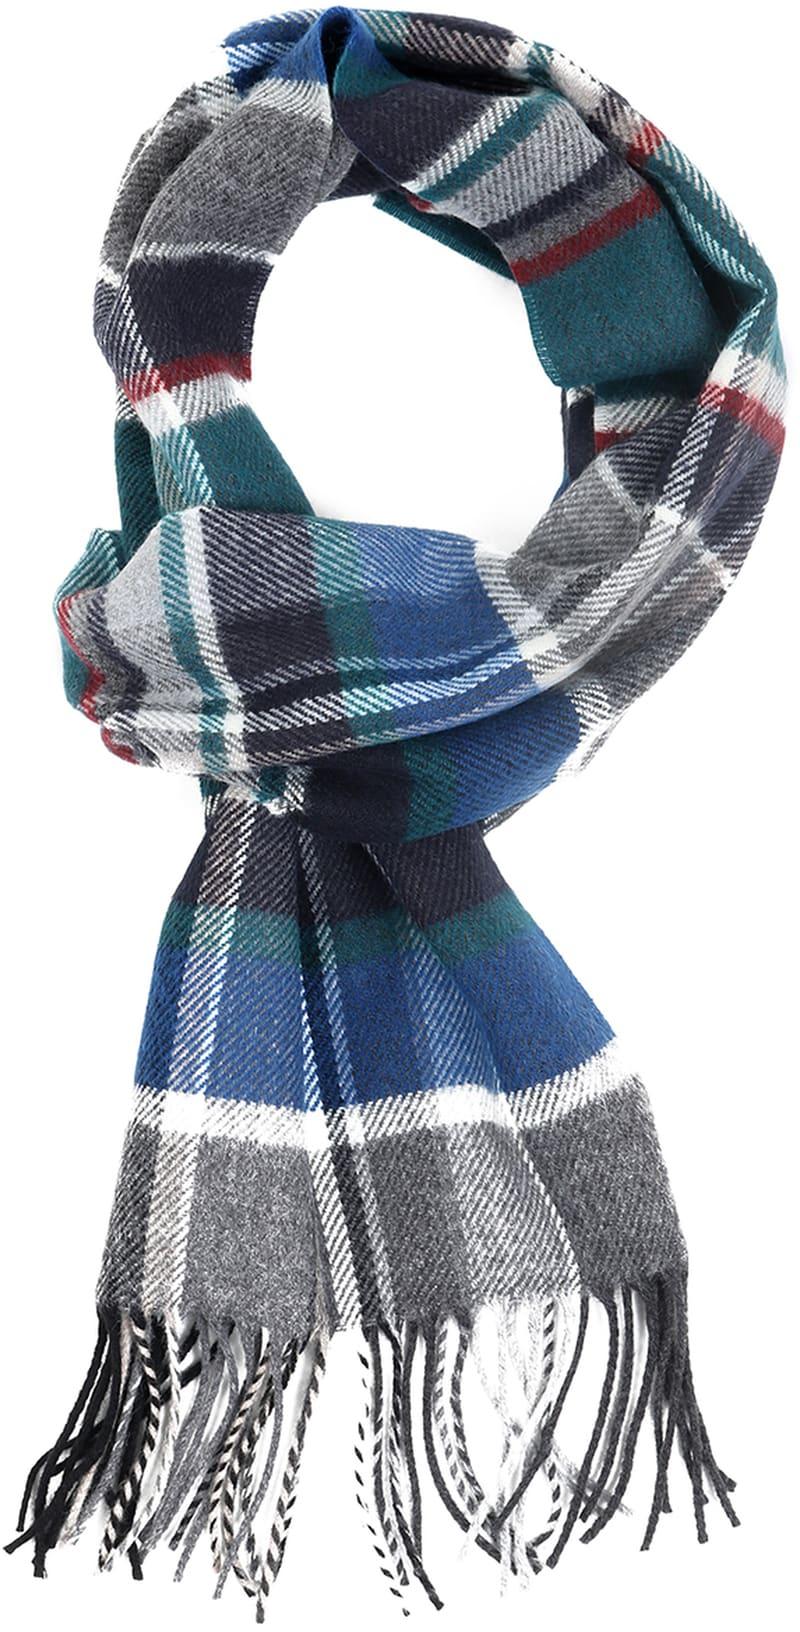 Suitable Heren Sjaal Ruit 17-12  online bestellen | Suitable